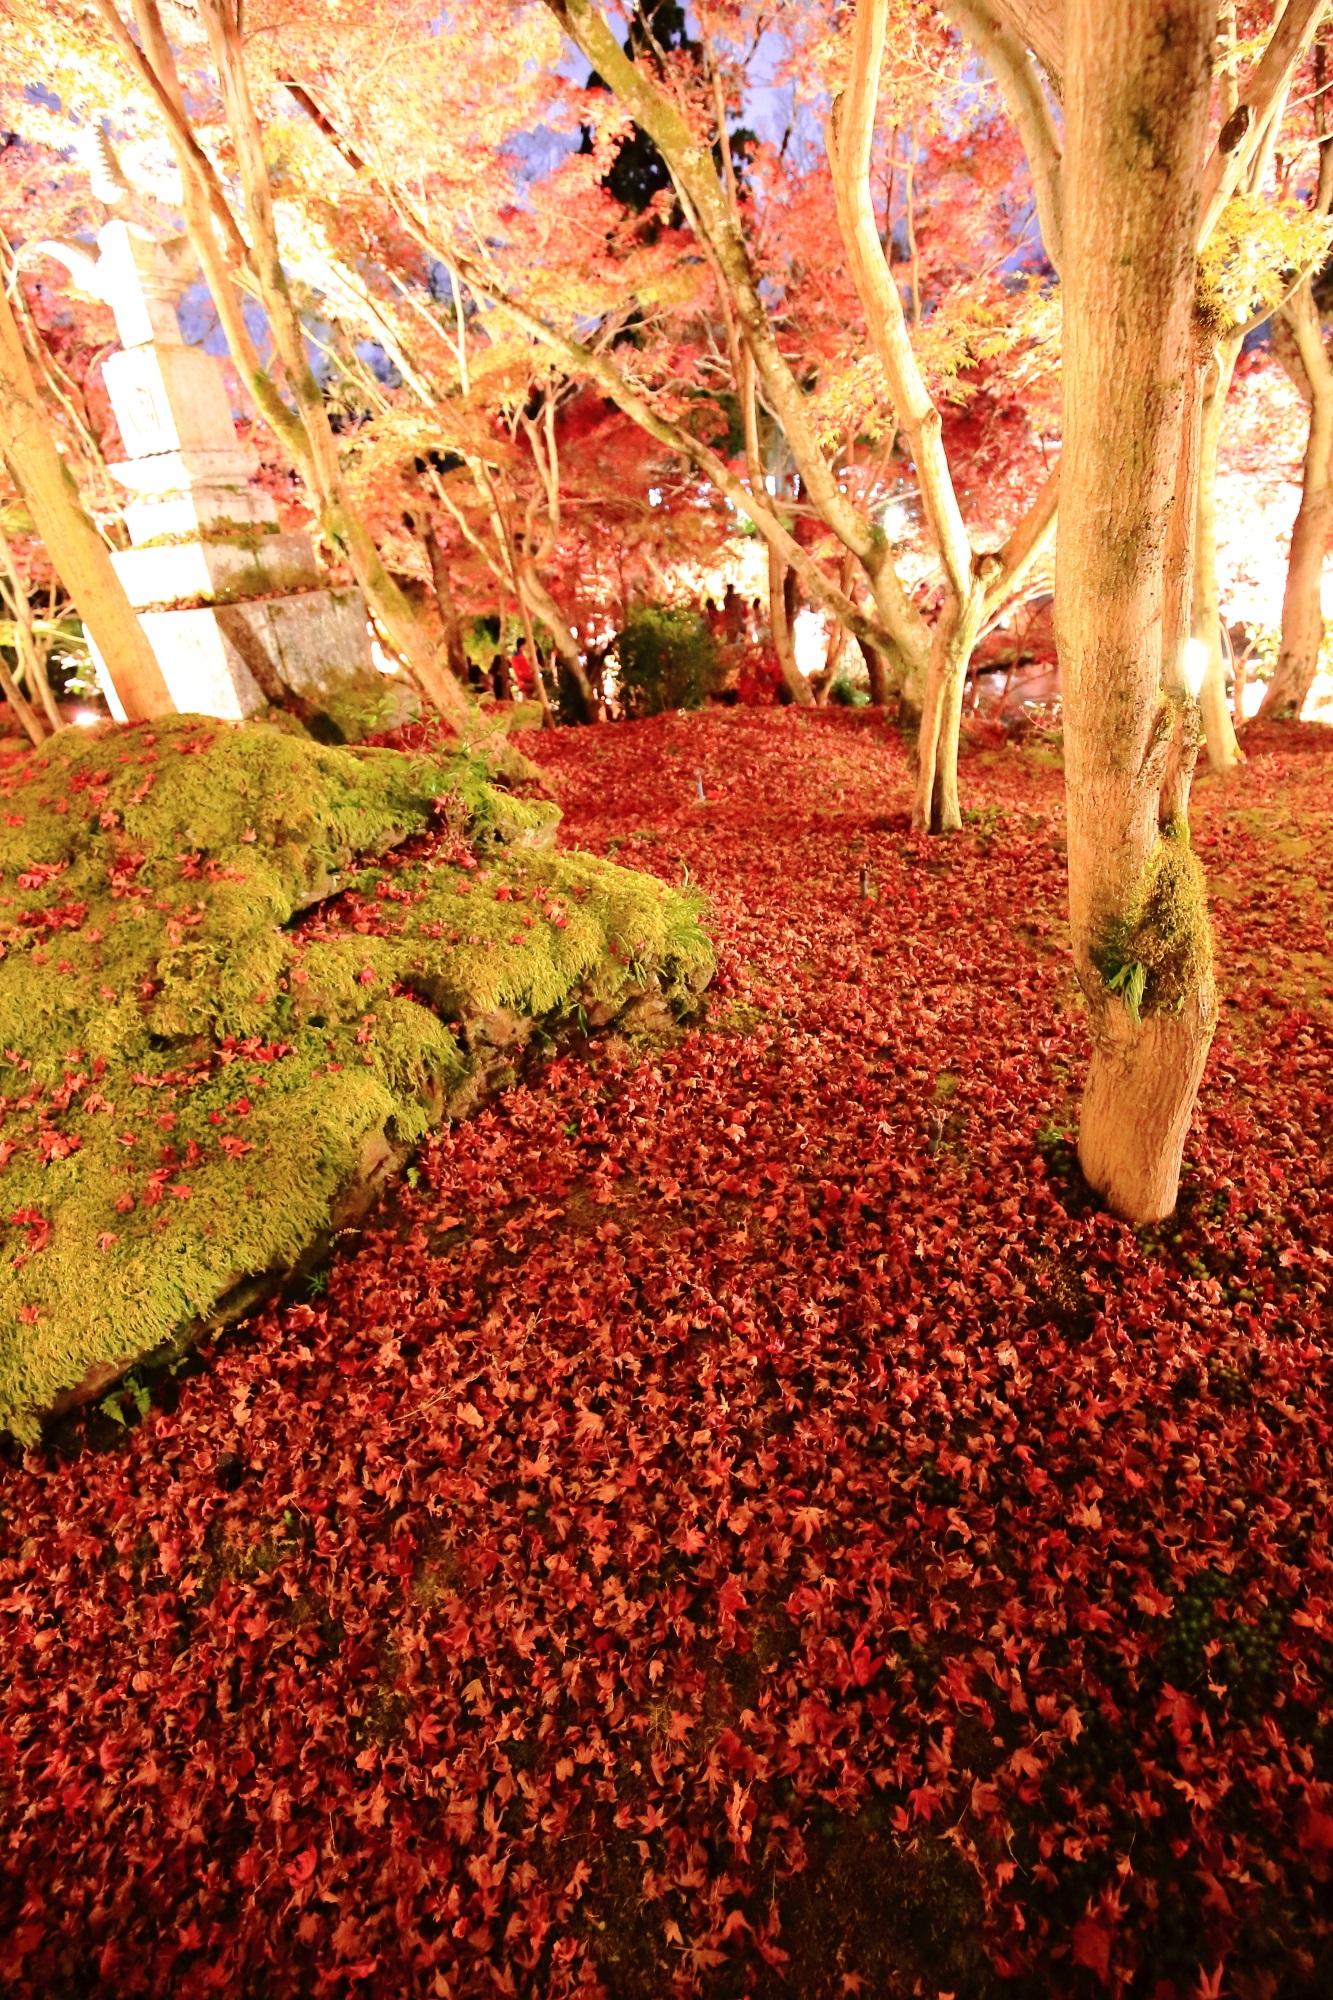 紅葉名所の永観堂の紅葉と散りもみじ